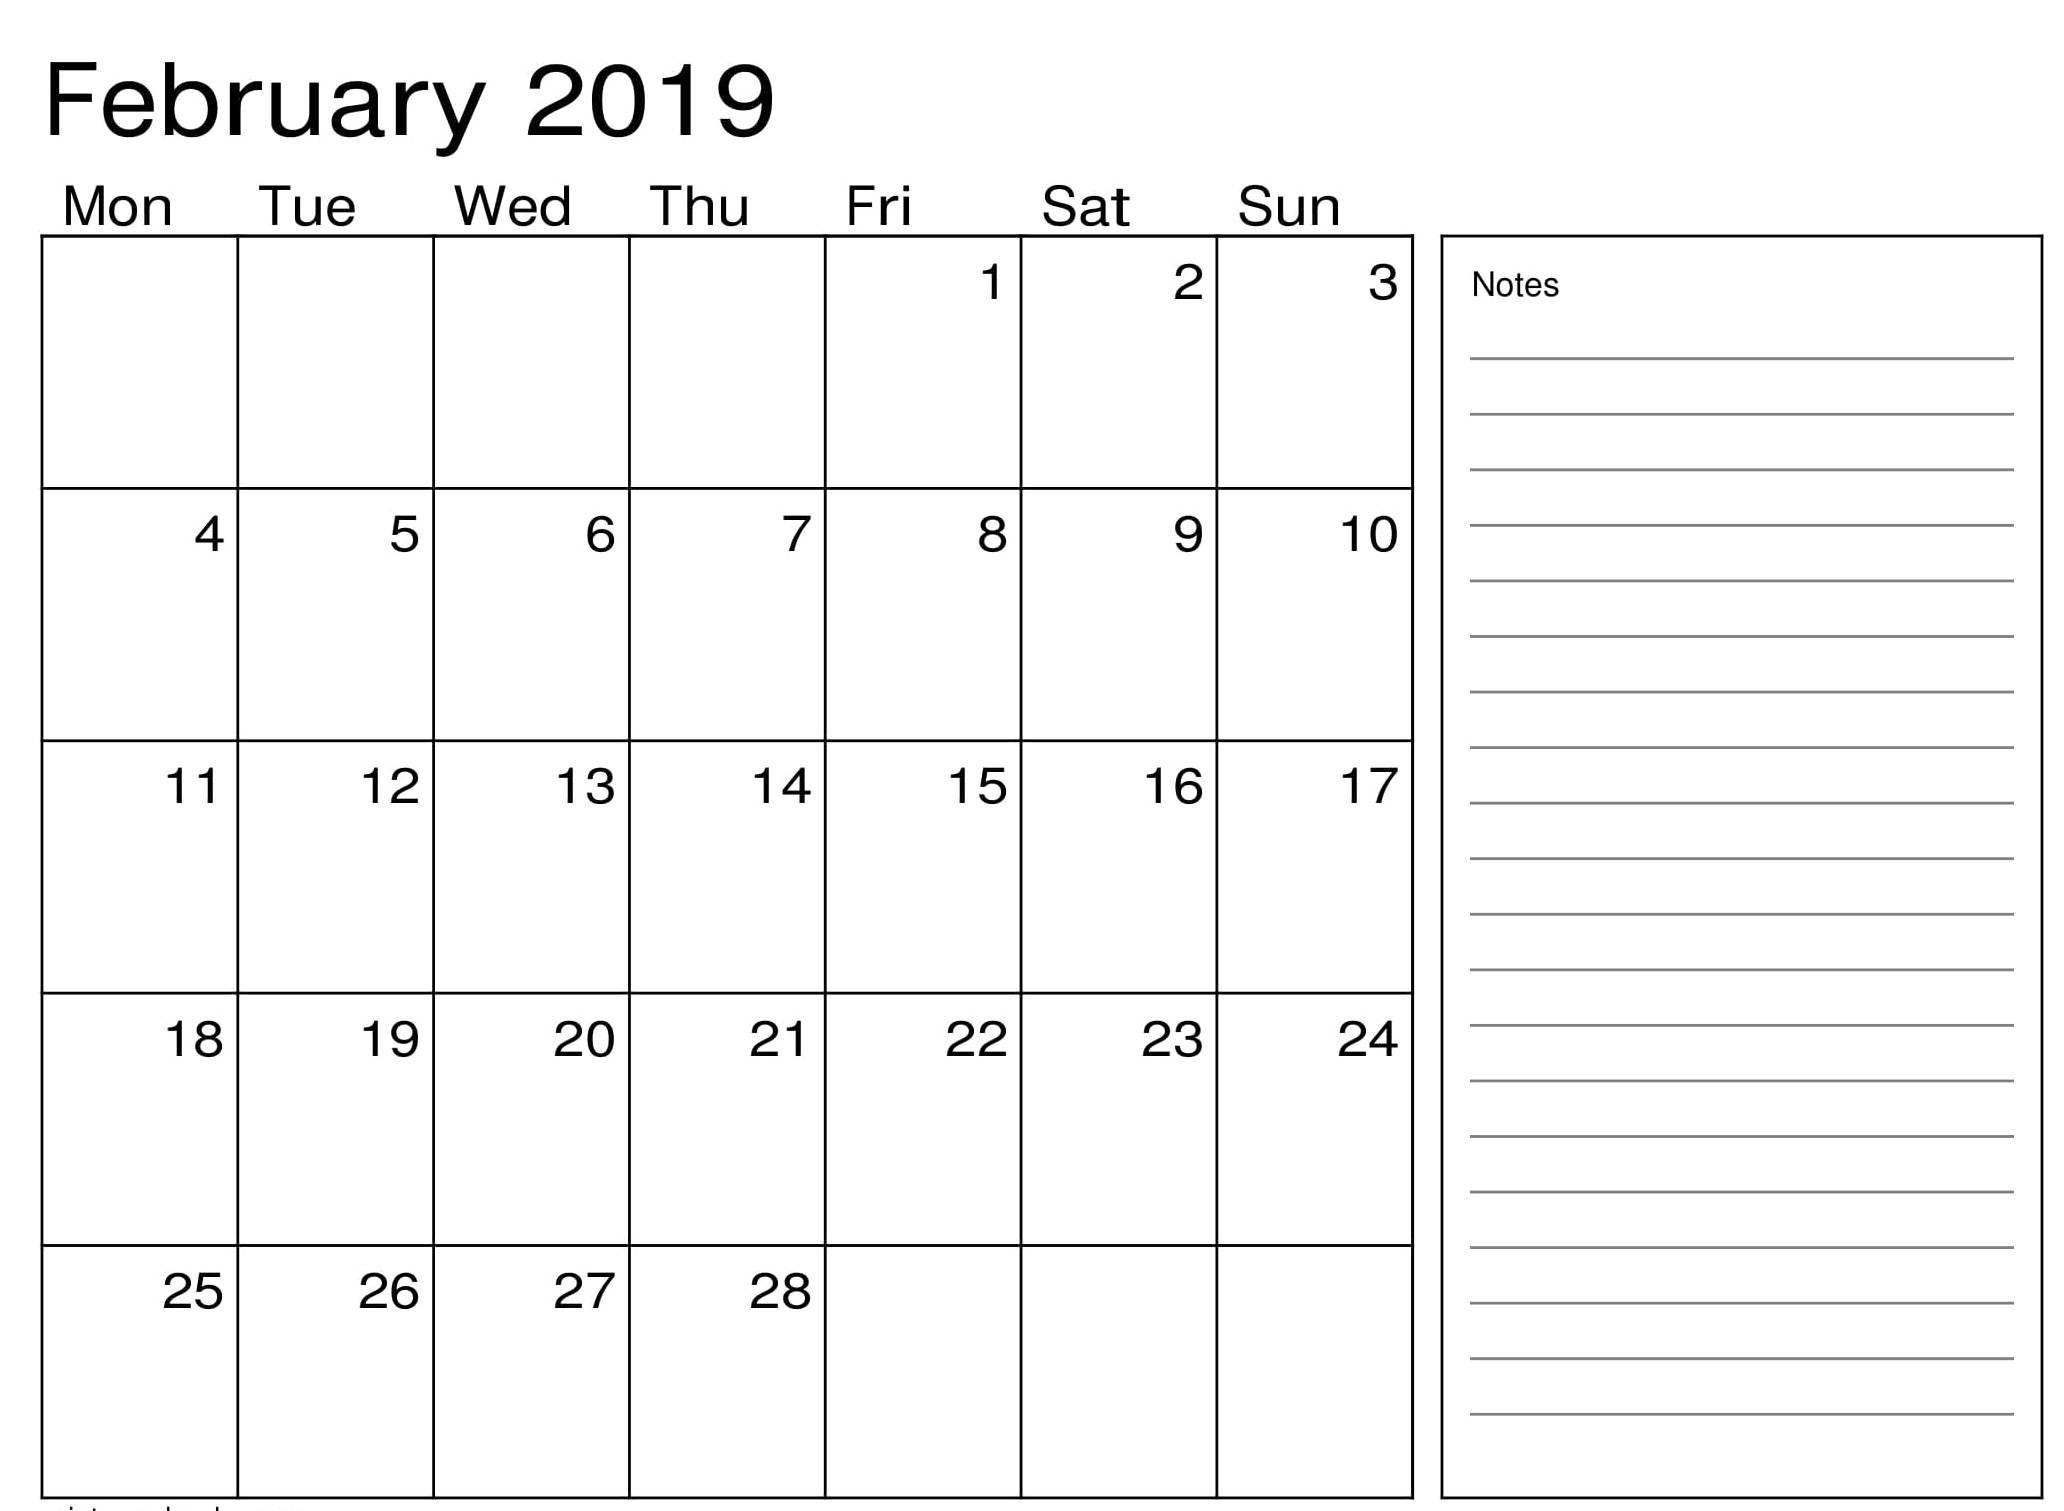 February 2019 Calendar Excel | Calendar Printables, Excel Calendar, Free Printable Calendar